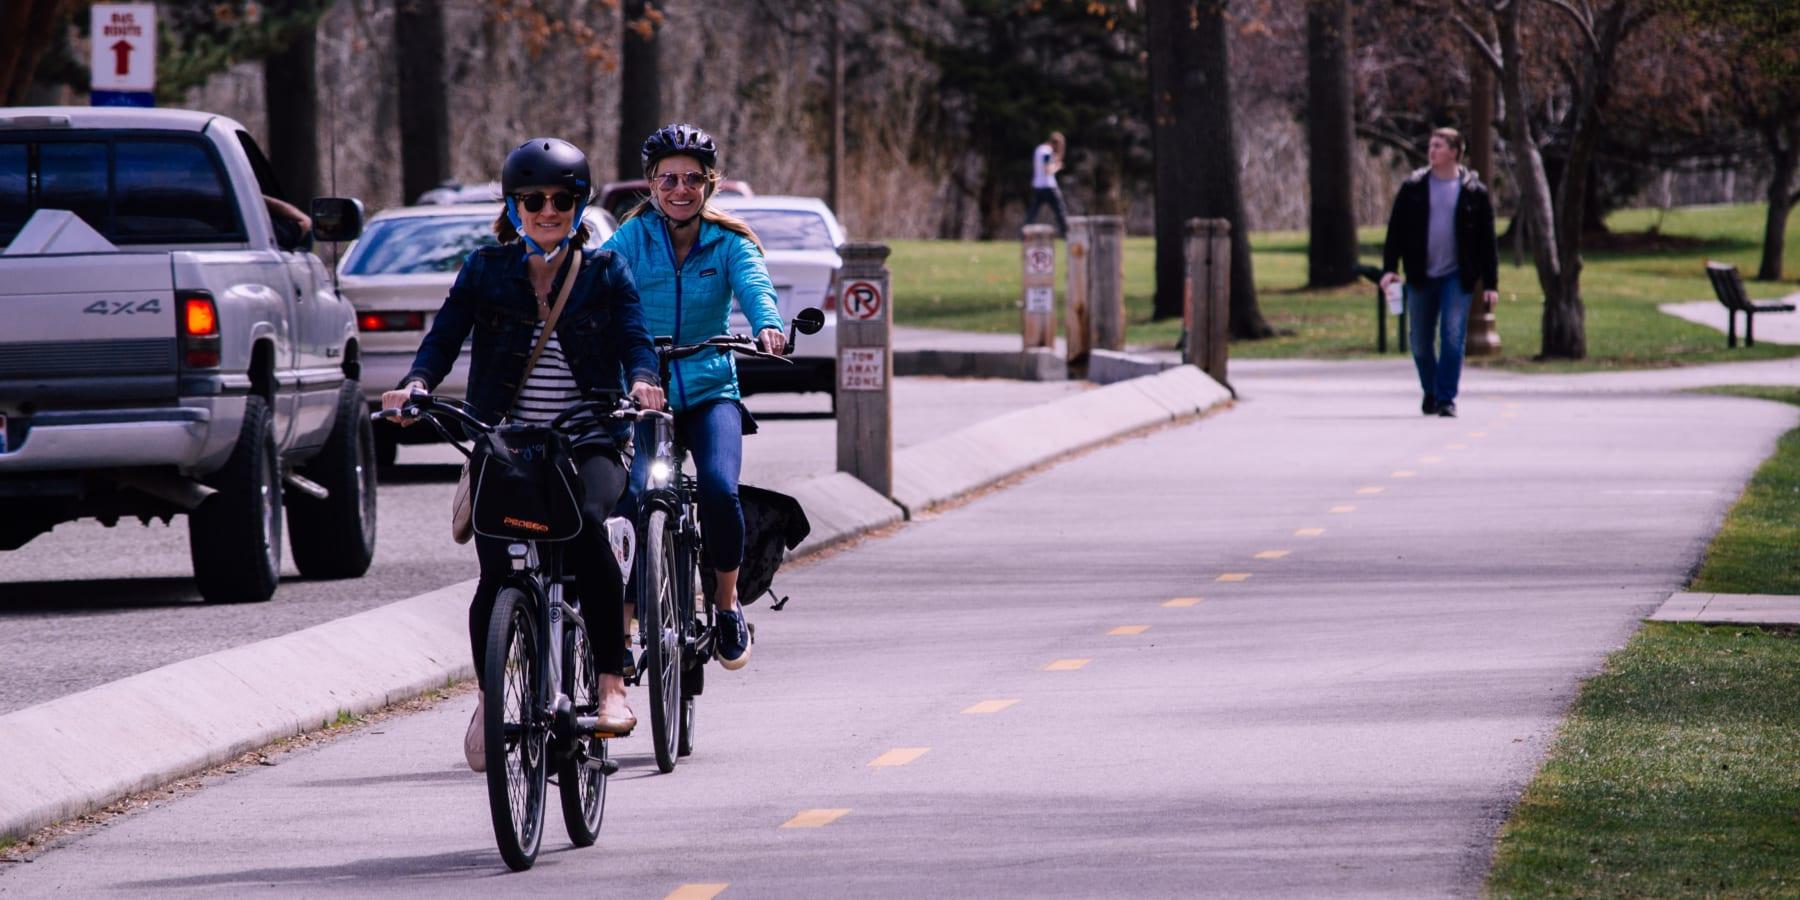 投票日限定で自転車レンタルを無料に。アメリカ「Motivate」のキャンペーン